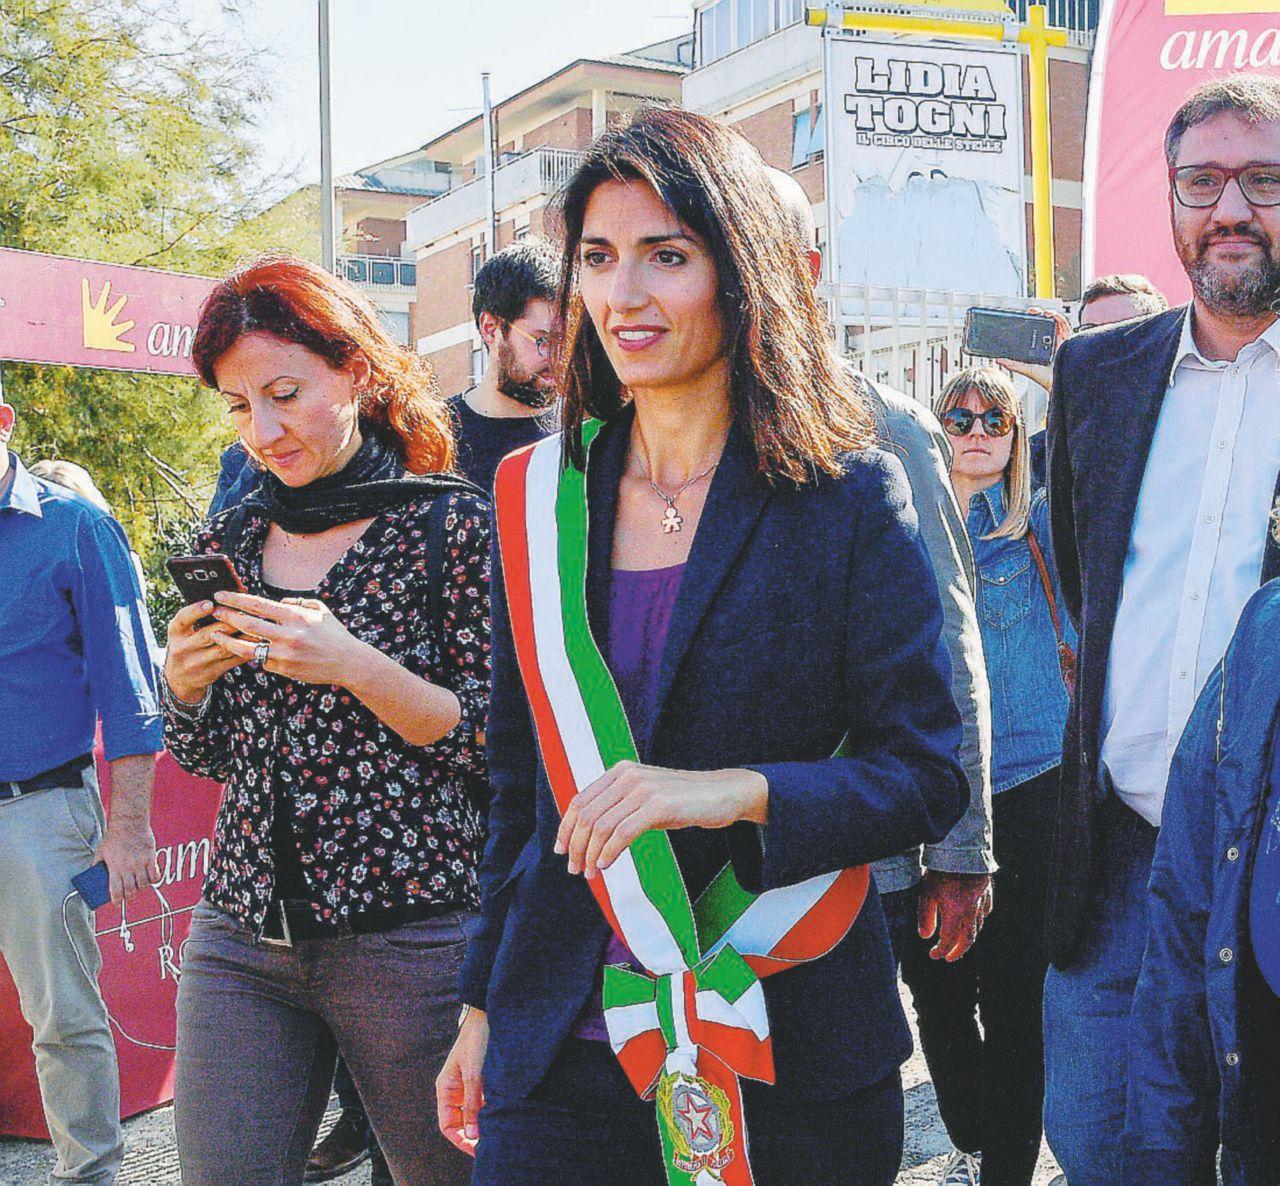 In Edicola sul Fatto Quotidiano del 11 novembre: Oggi pomeriggio in piazza contro la criminalità dopo l'aggressione al reporter Rai